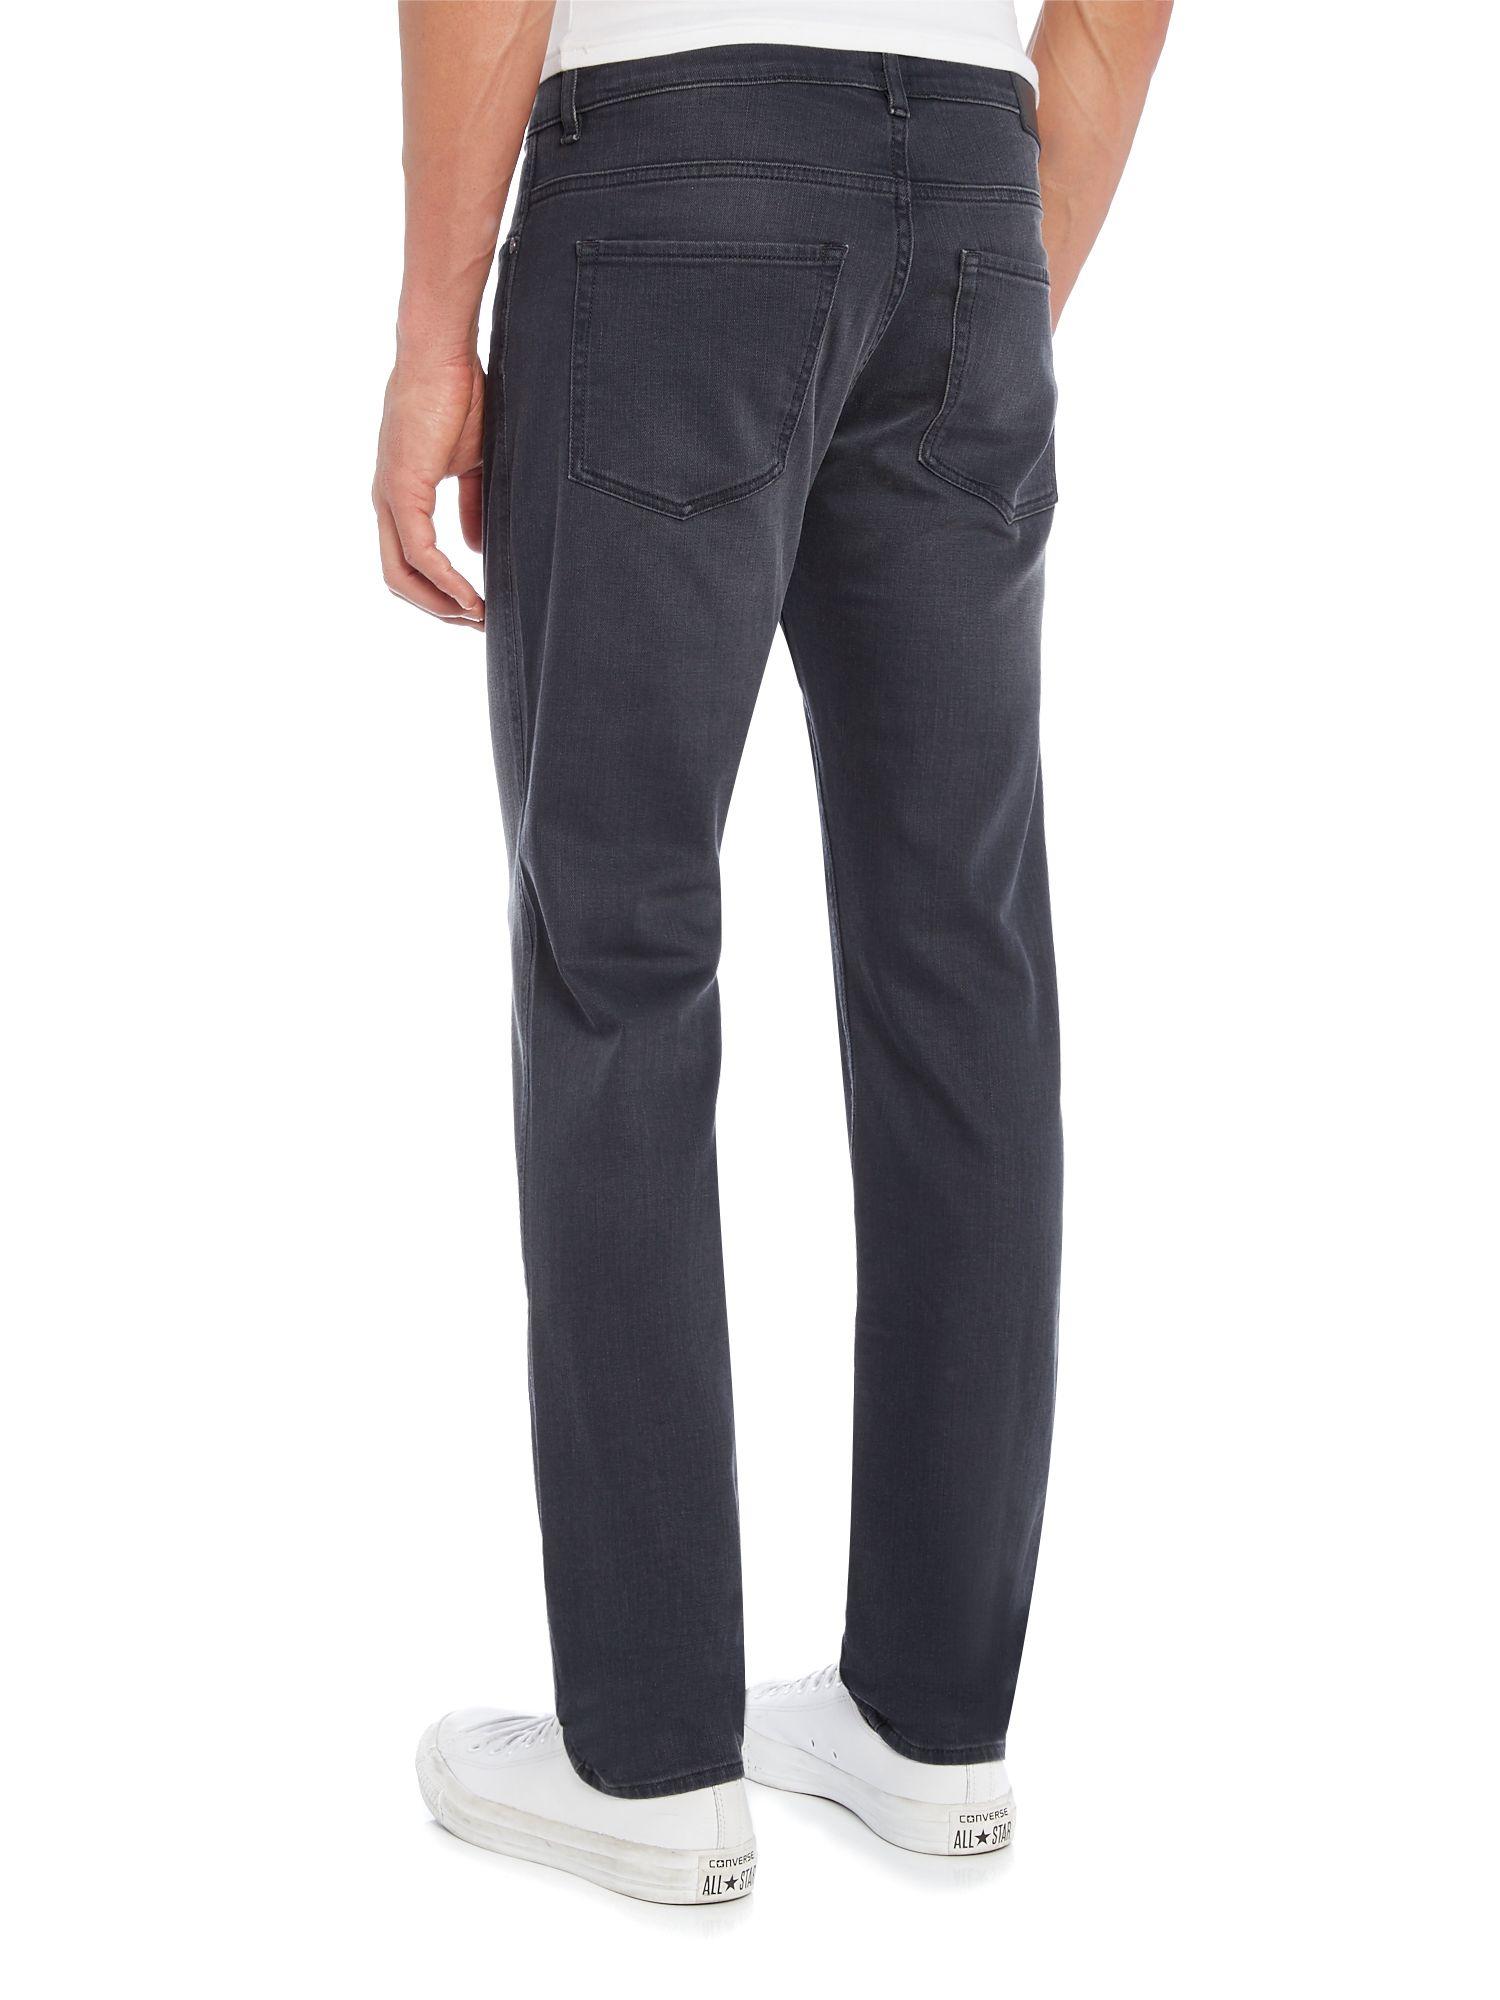 boss c delaware slim fit grey wash jeans in gray for men. Black Bedroom Furniture Sets. Home Design Ideas